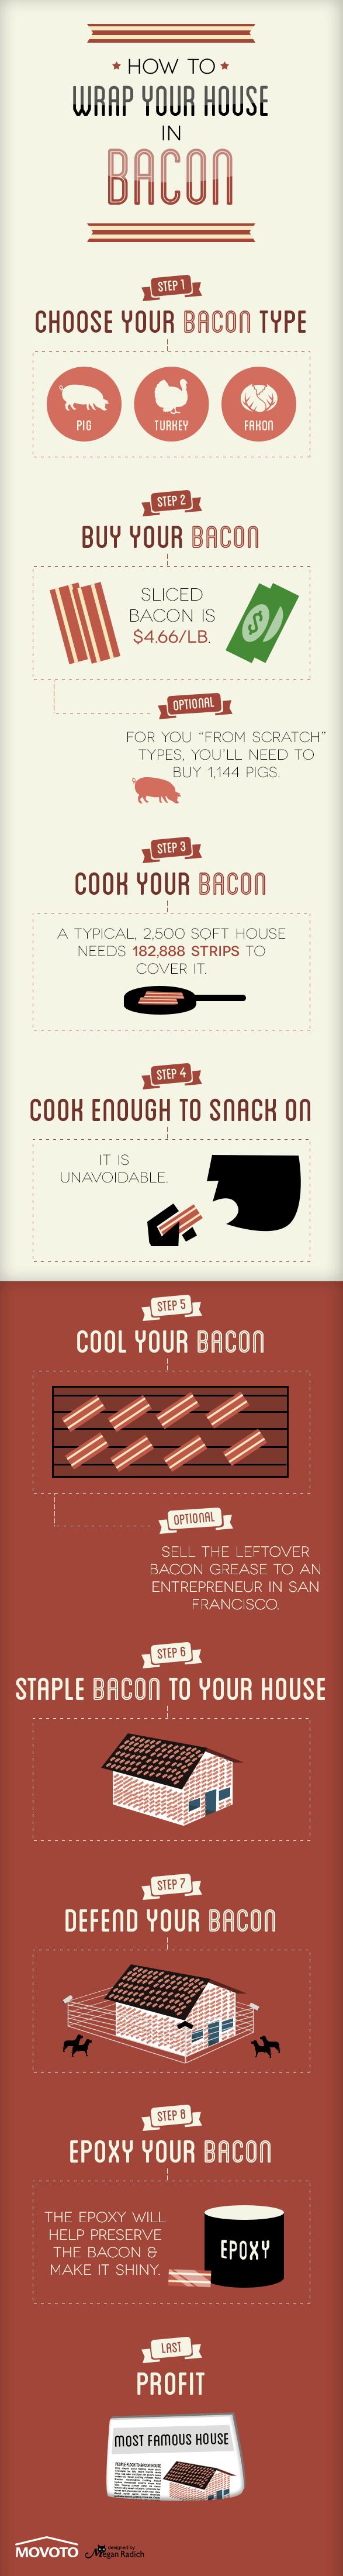 how-to-wrap-your-house-in-bacon_50e5de305fea4